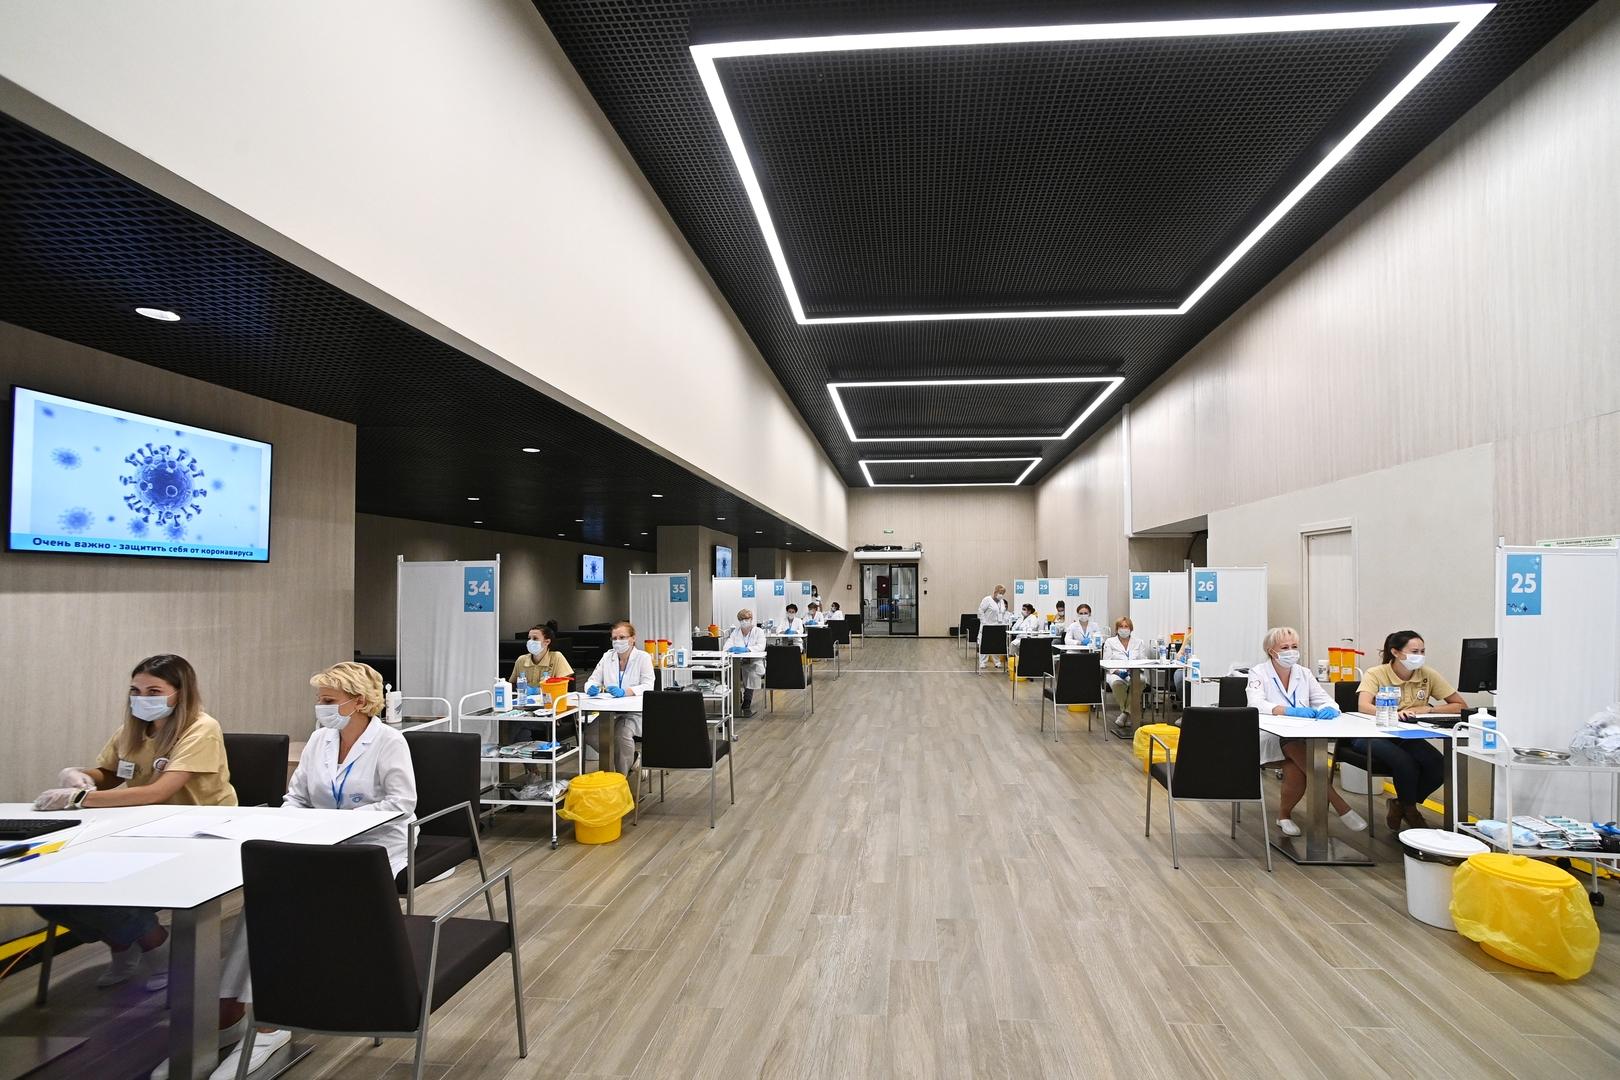 موسكو.. افتتاح واحد من أكبر مراكز التطعيم في العالم